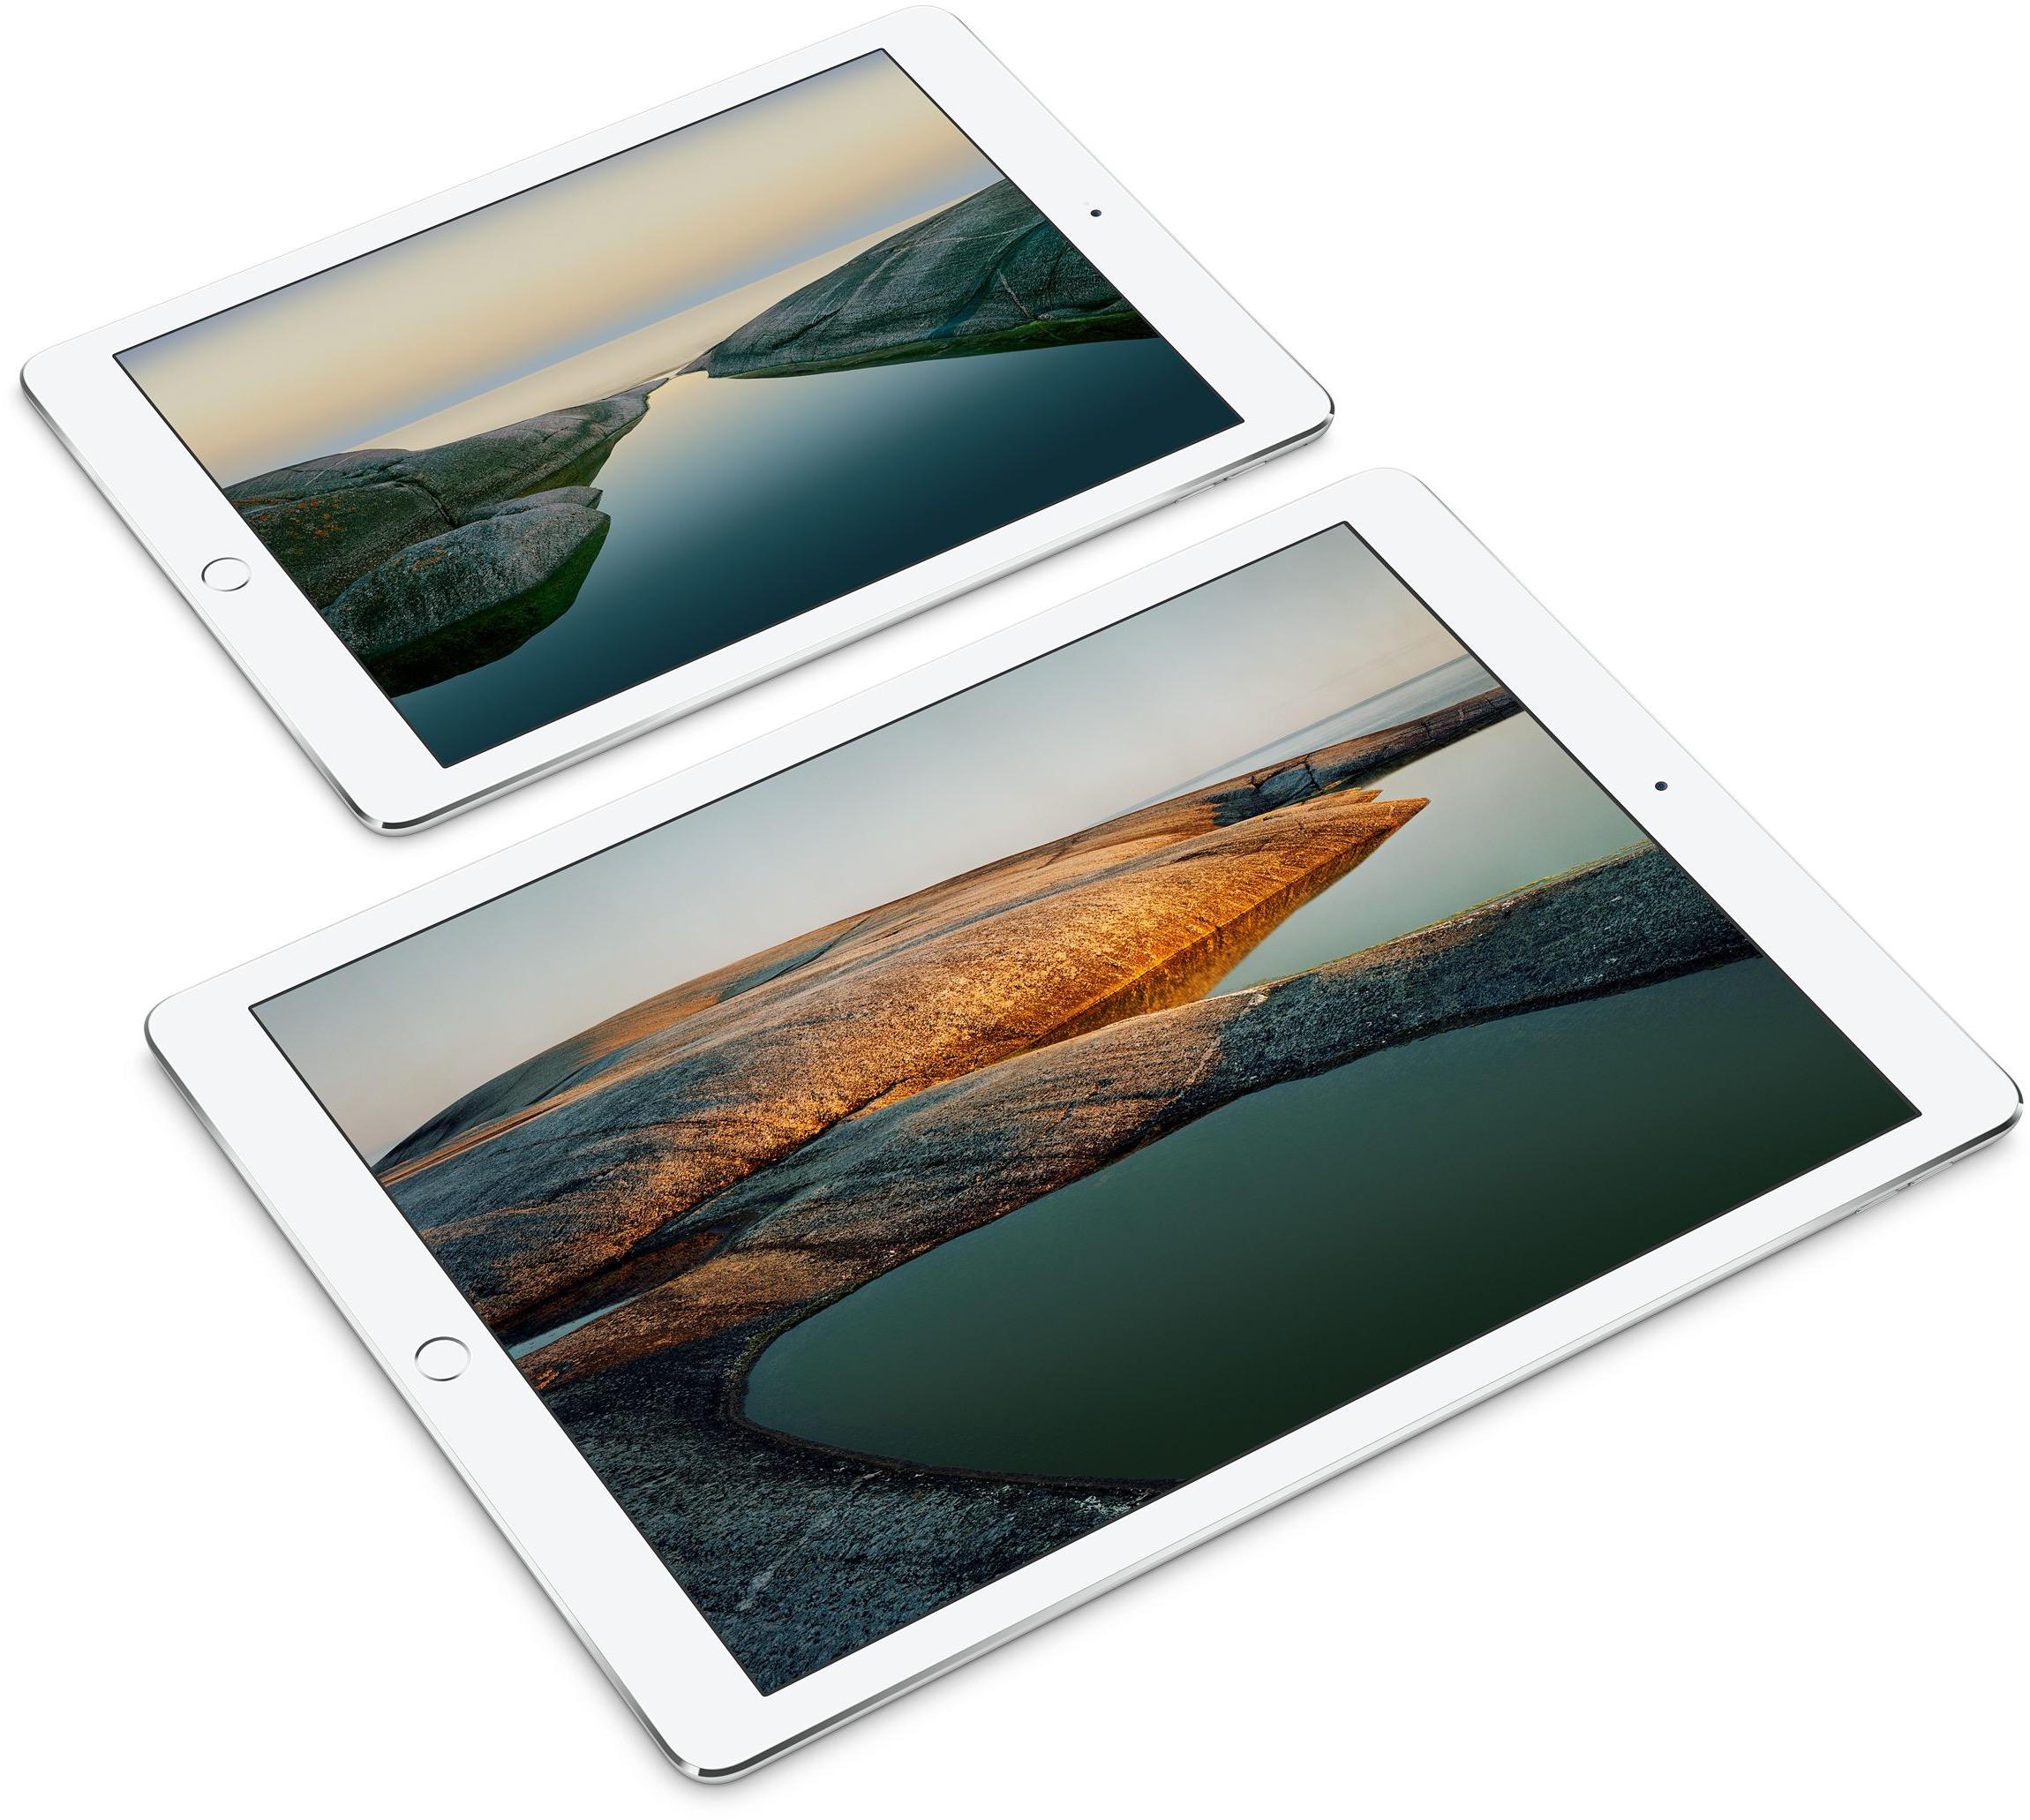 iPads Pro